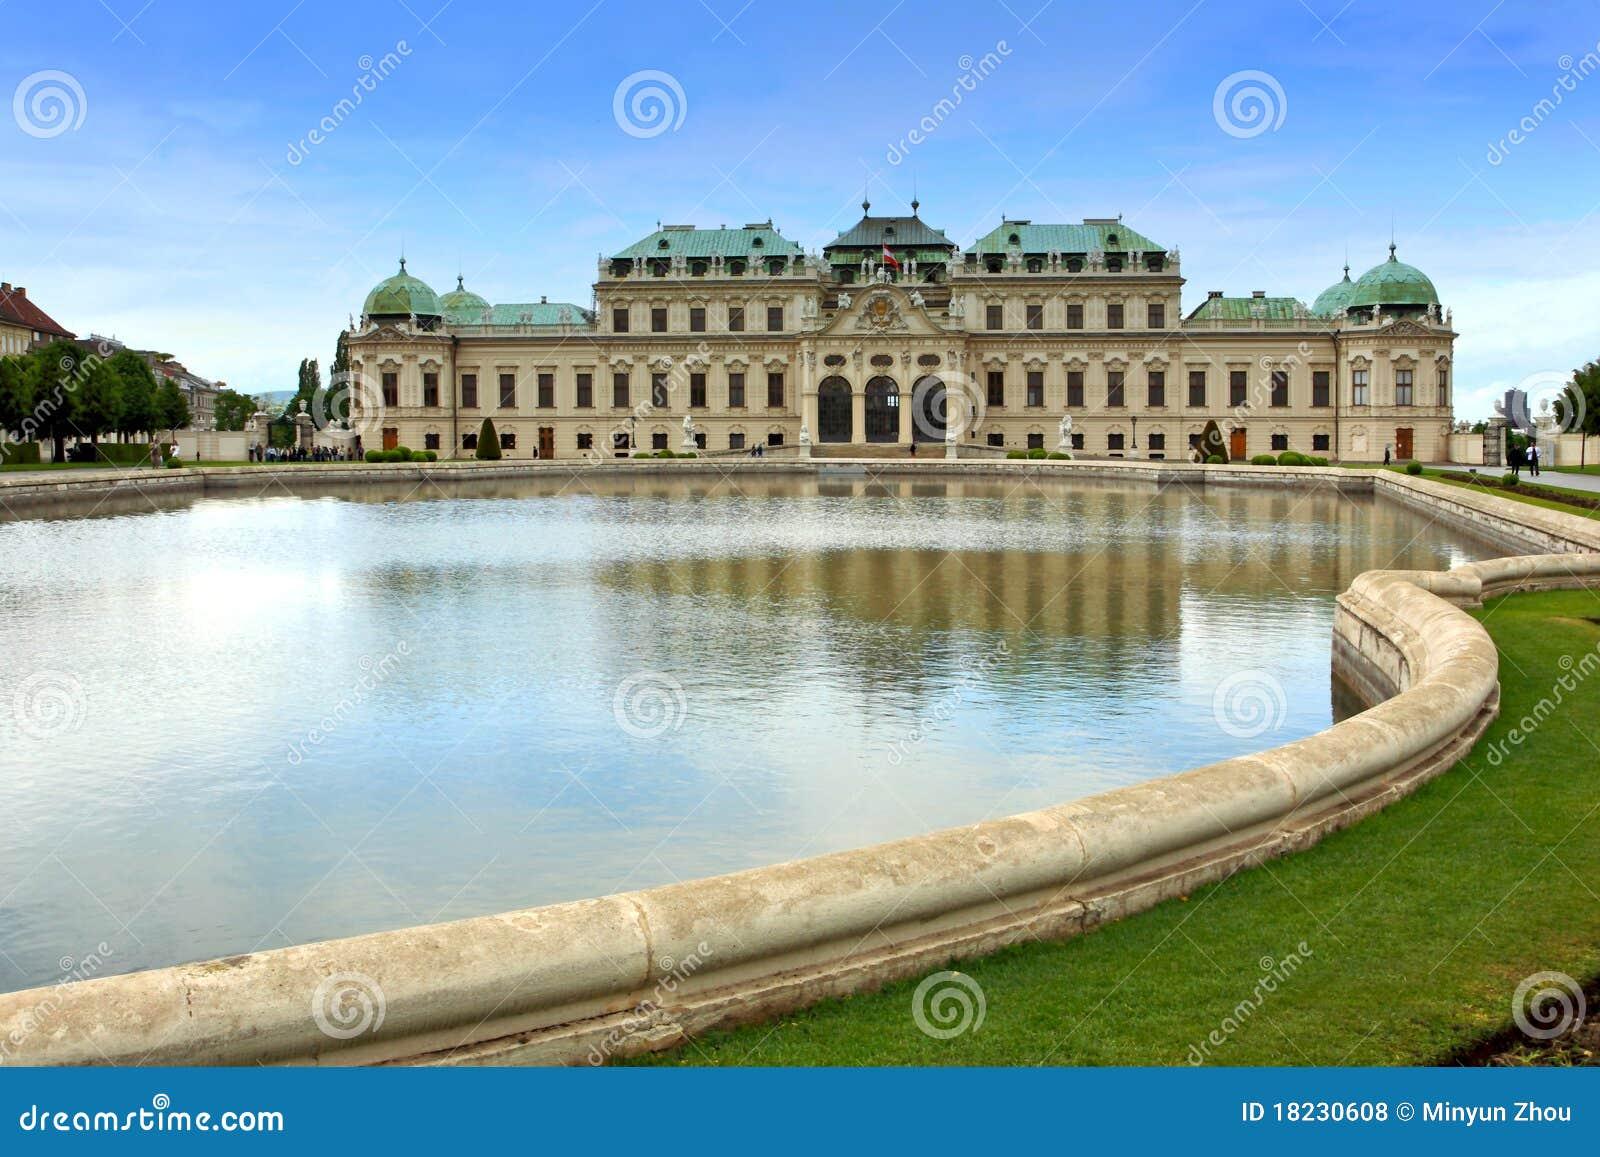 Belvédère Palace.Vienna